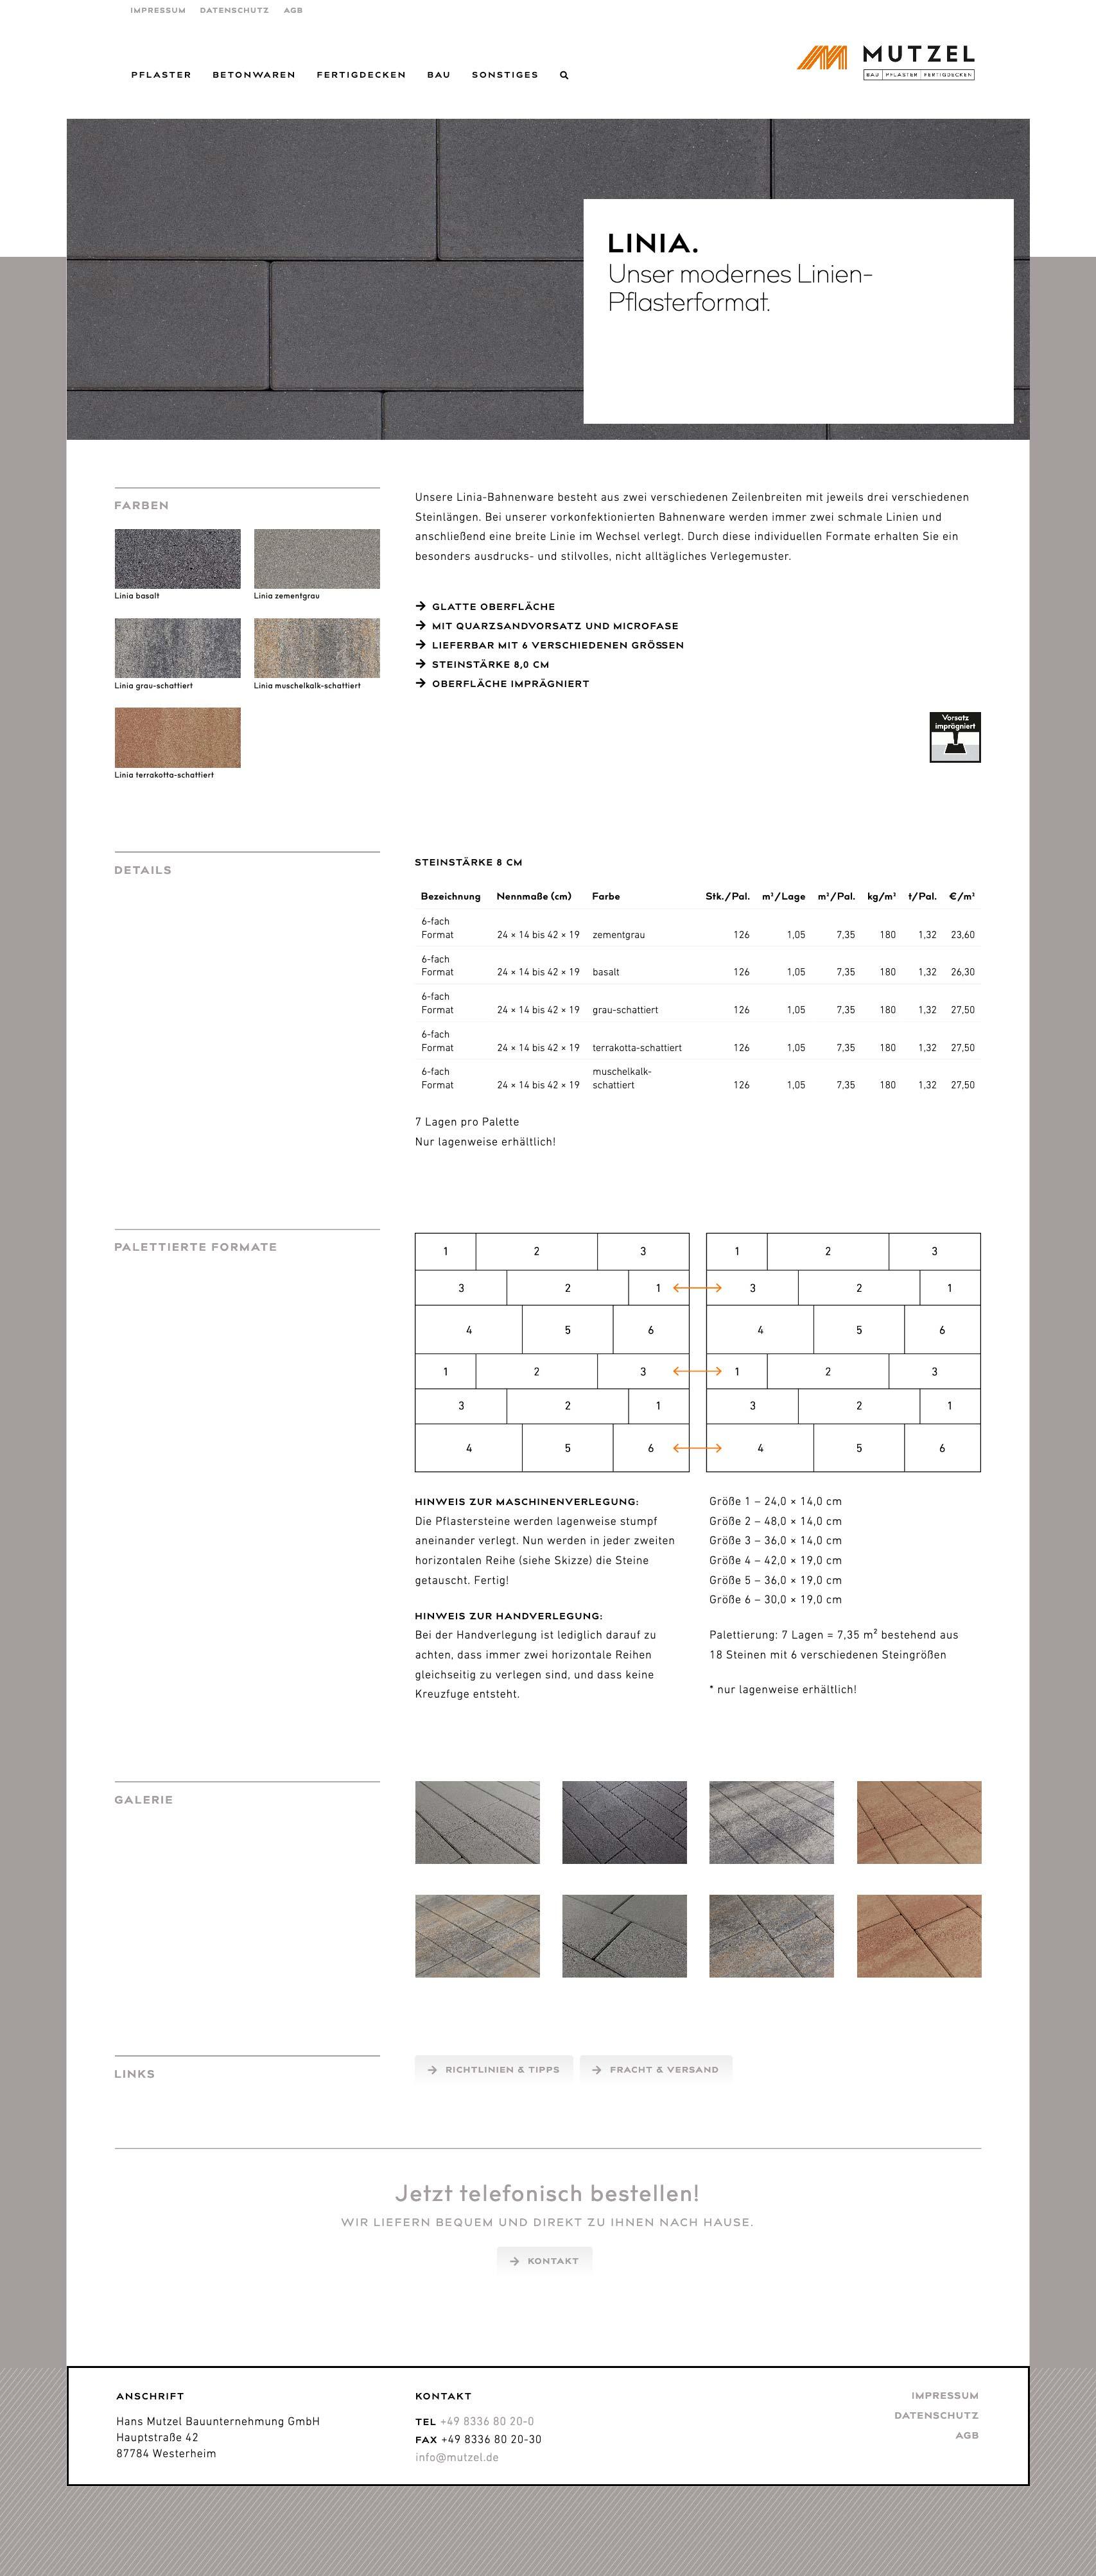 Website Design zur Produktpräsentation für Bauunternehmen Mutzel